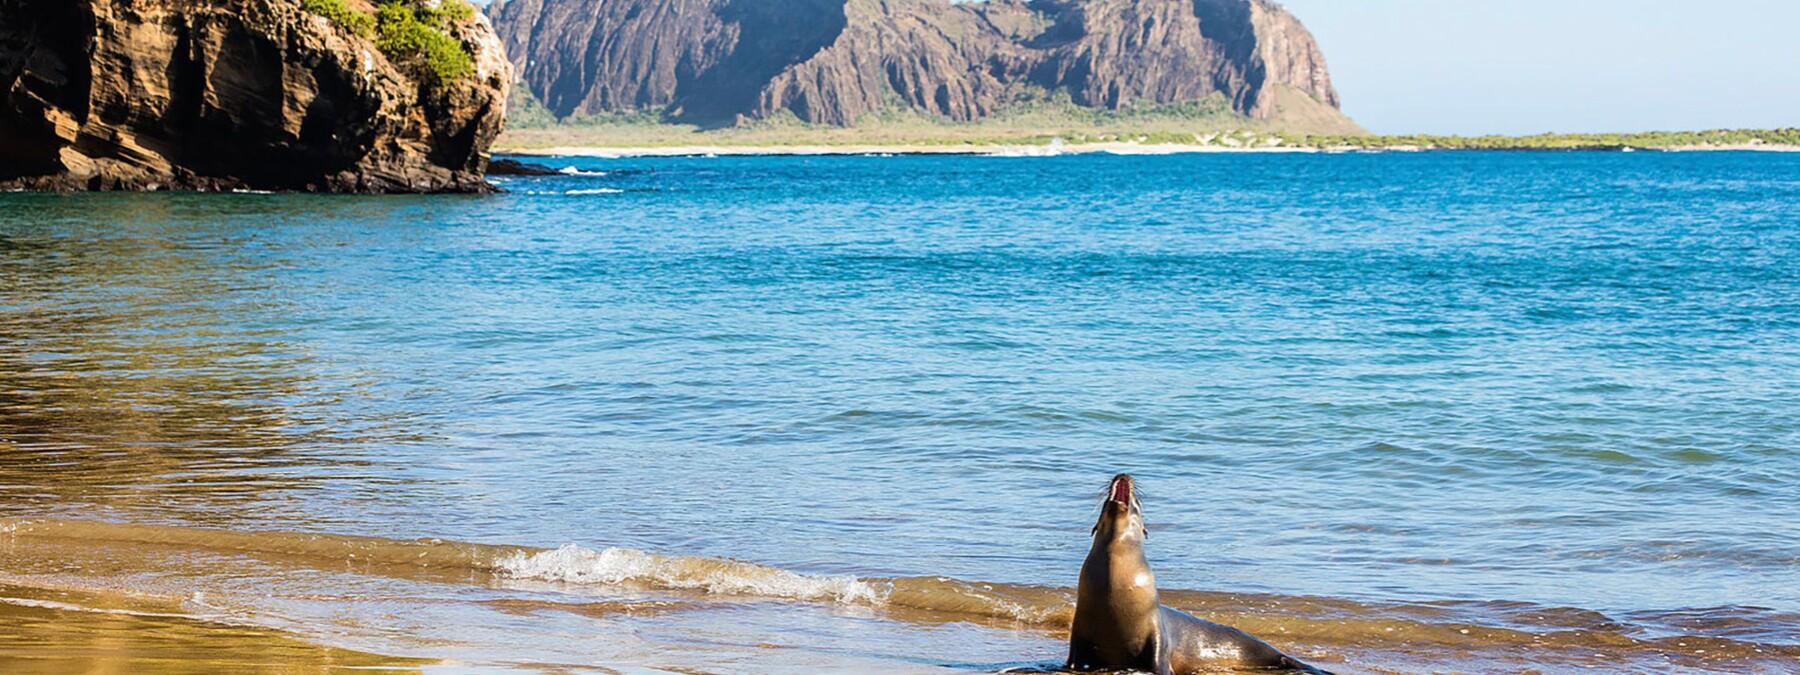 Iles Galápagos